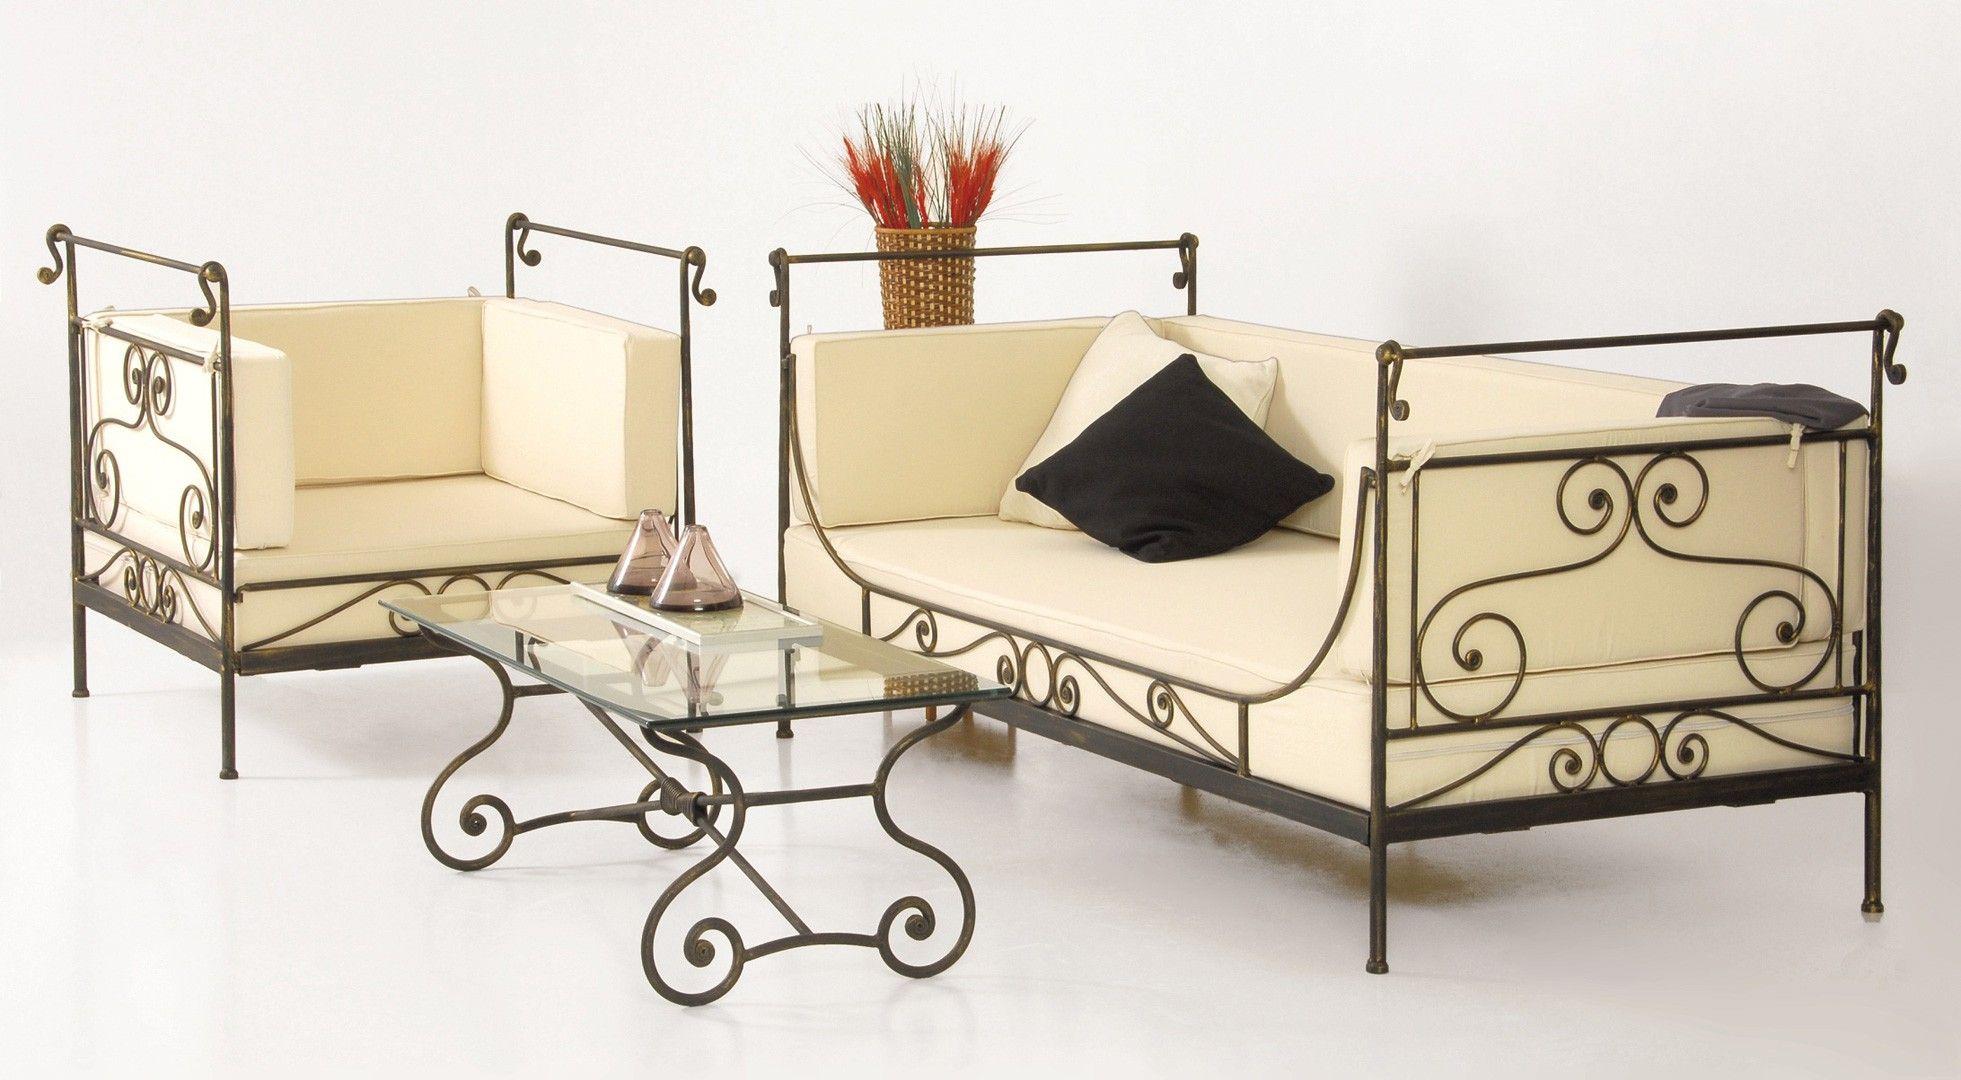 Fauteuil En Fer Forgé - Fauteuil - Salon | Iron Furniture ... dedans Decoration Fer Forge Pas Cher